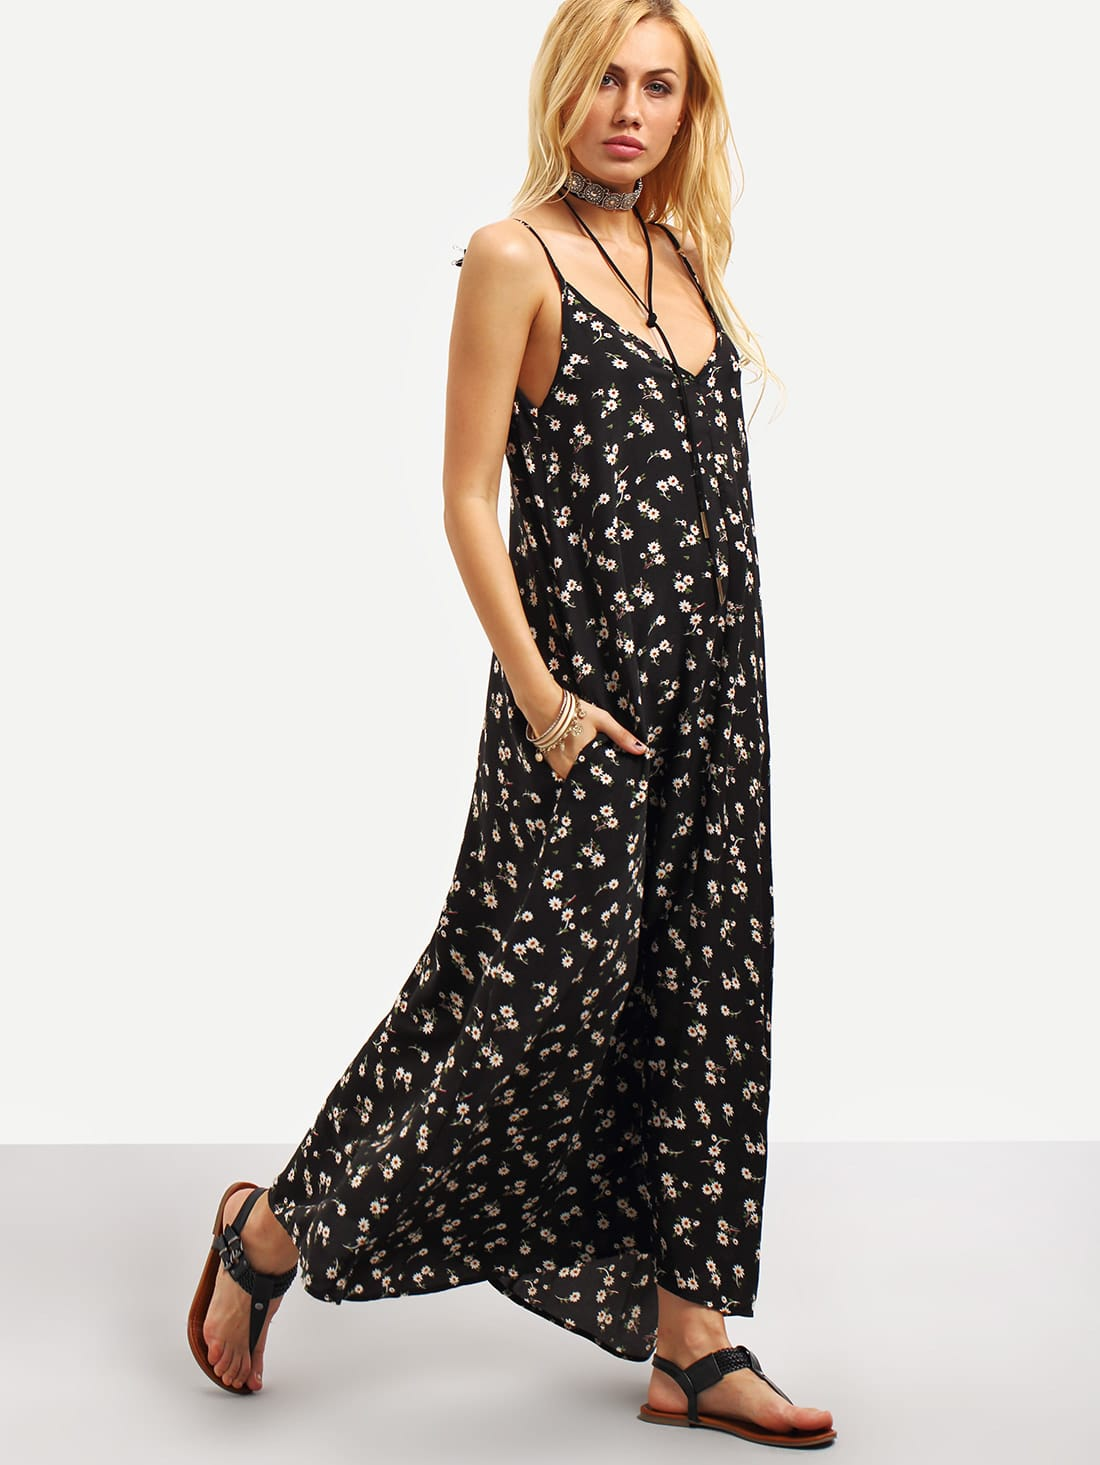 Plunging V-Neckline Floral Cami Dress